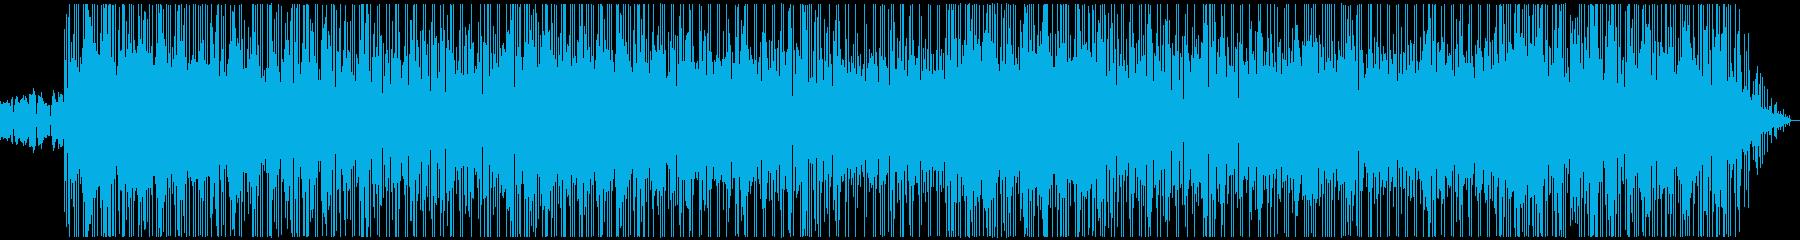 コマーシャル用の音楽。シーケンサー。の再生済みの波形